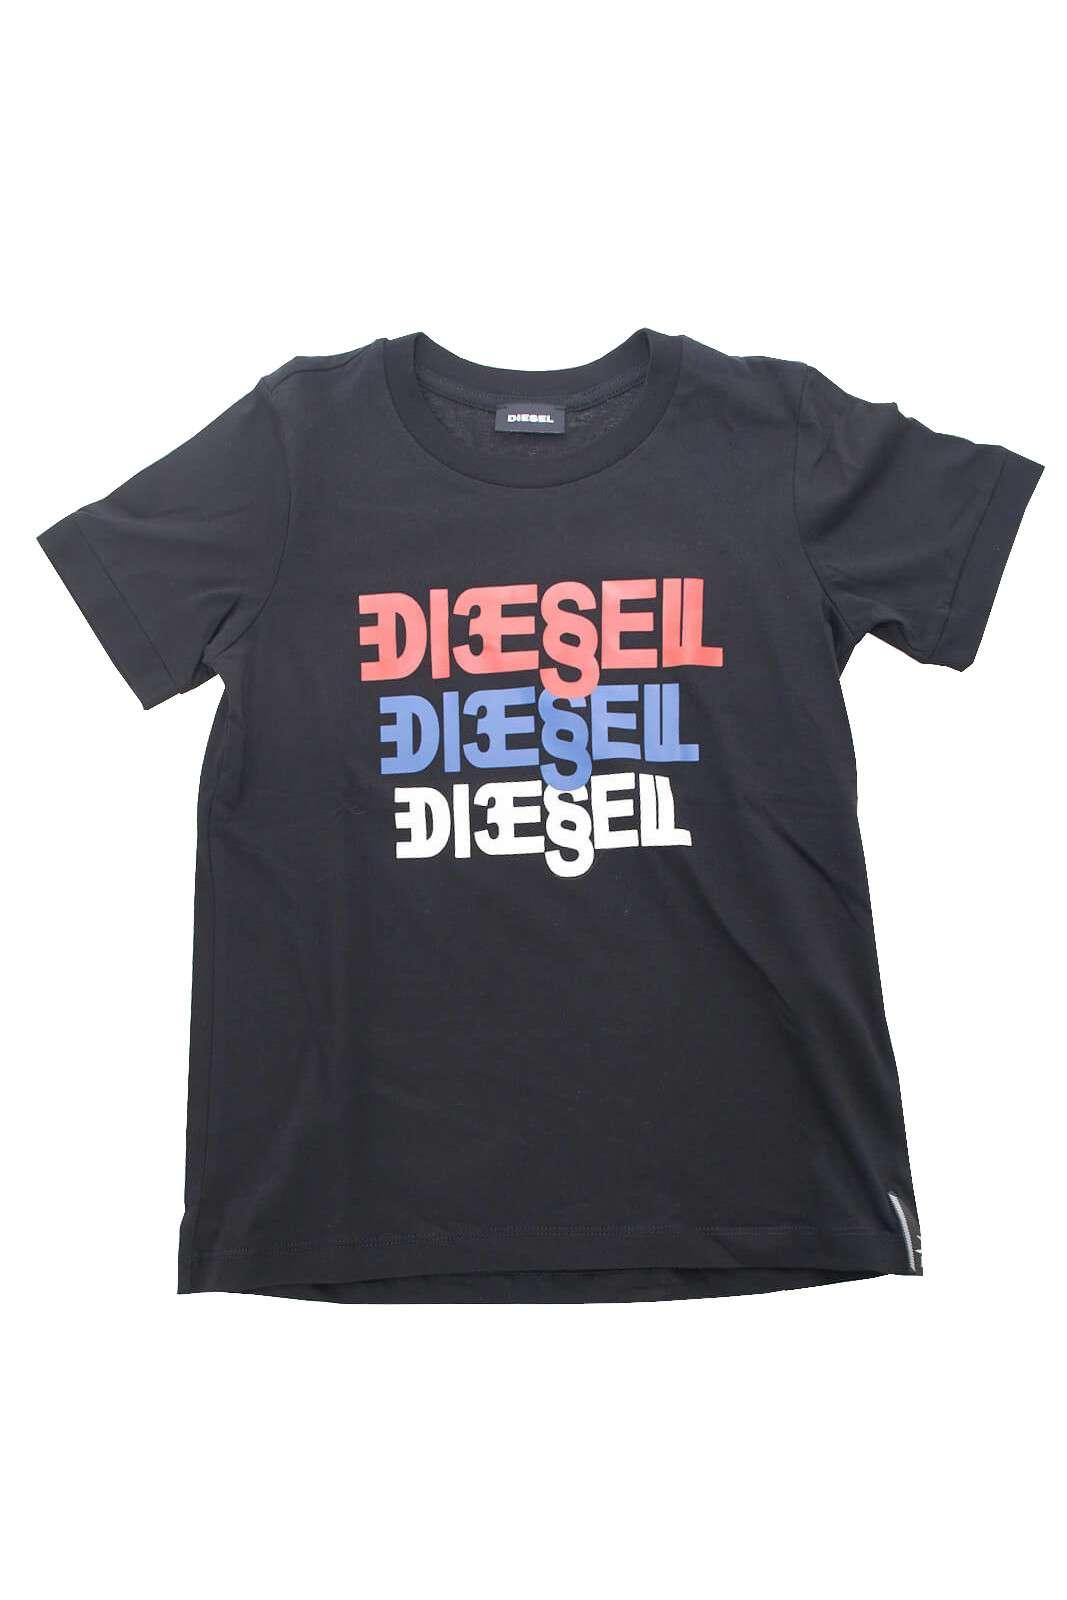 Una shirt da bambino in cotone per la stagione junior proposta da Diesel.  Un capo basic ed essential da indossare sia nei pomeriggi di svago che per la scola.  Un'icona della moda bimbo.